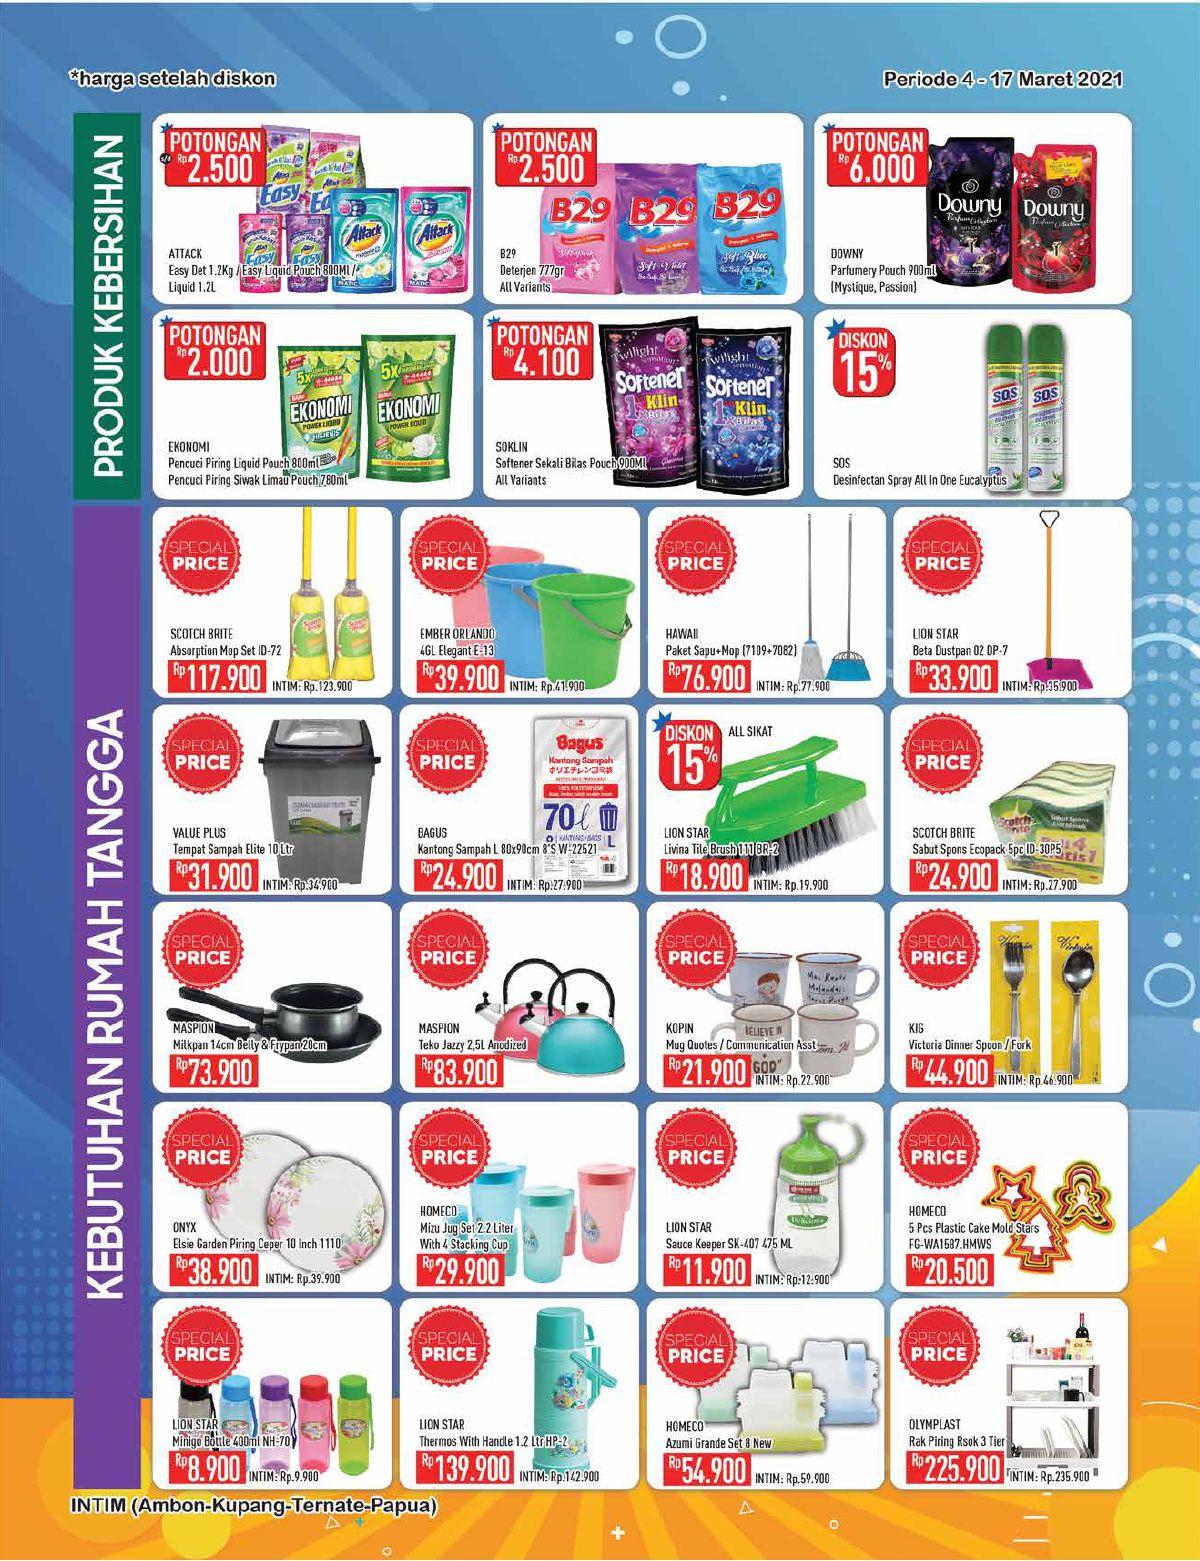 Promo Hypermart Katalog Belanja Mingguan periode 04-17 Maret 2021